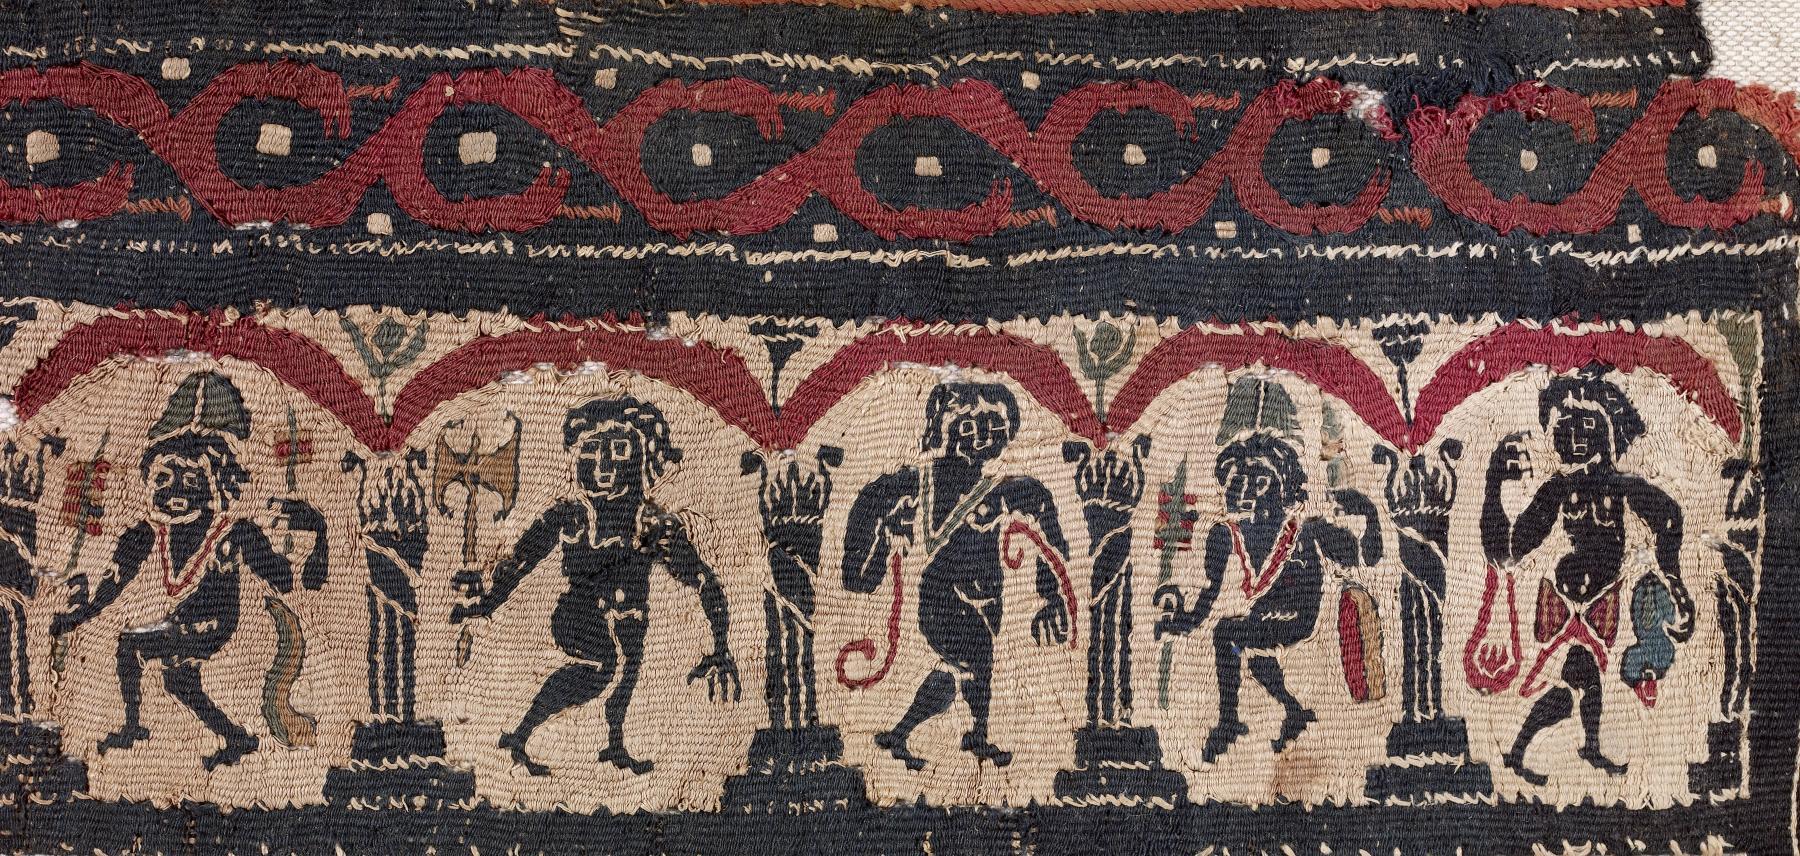 dionysian culture